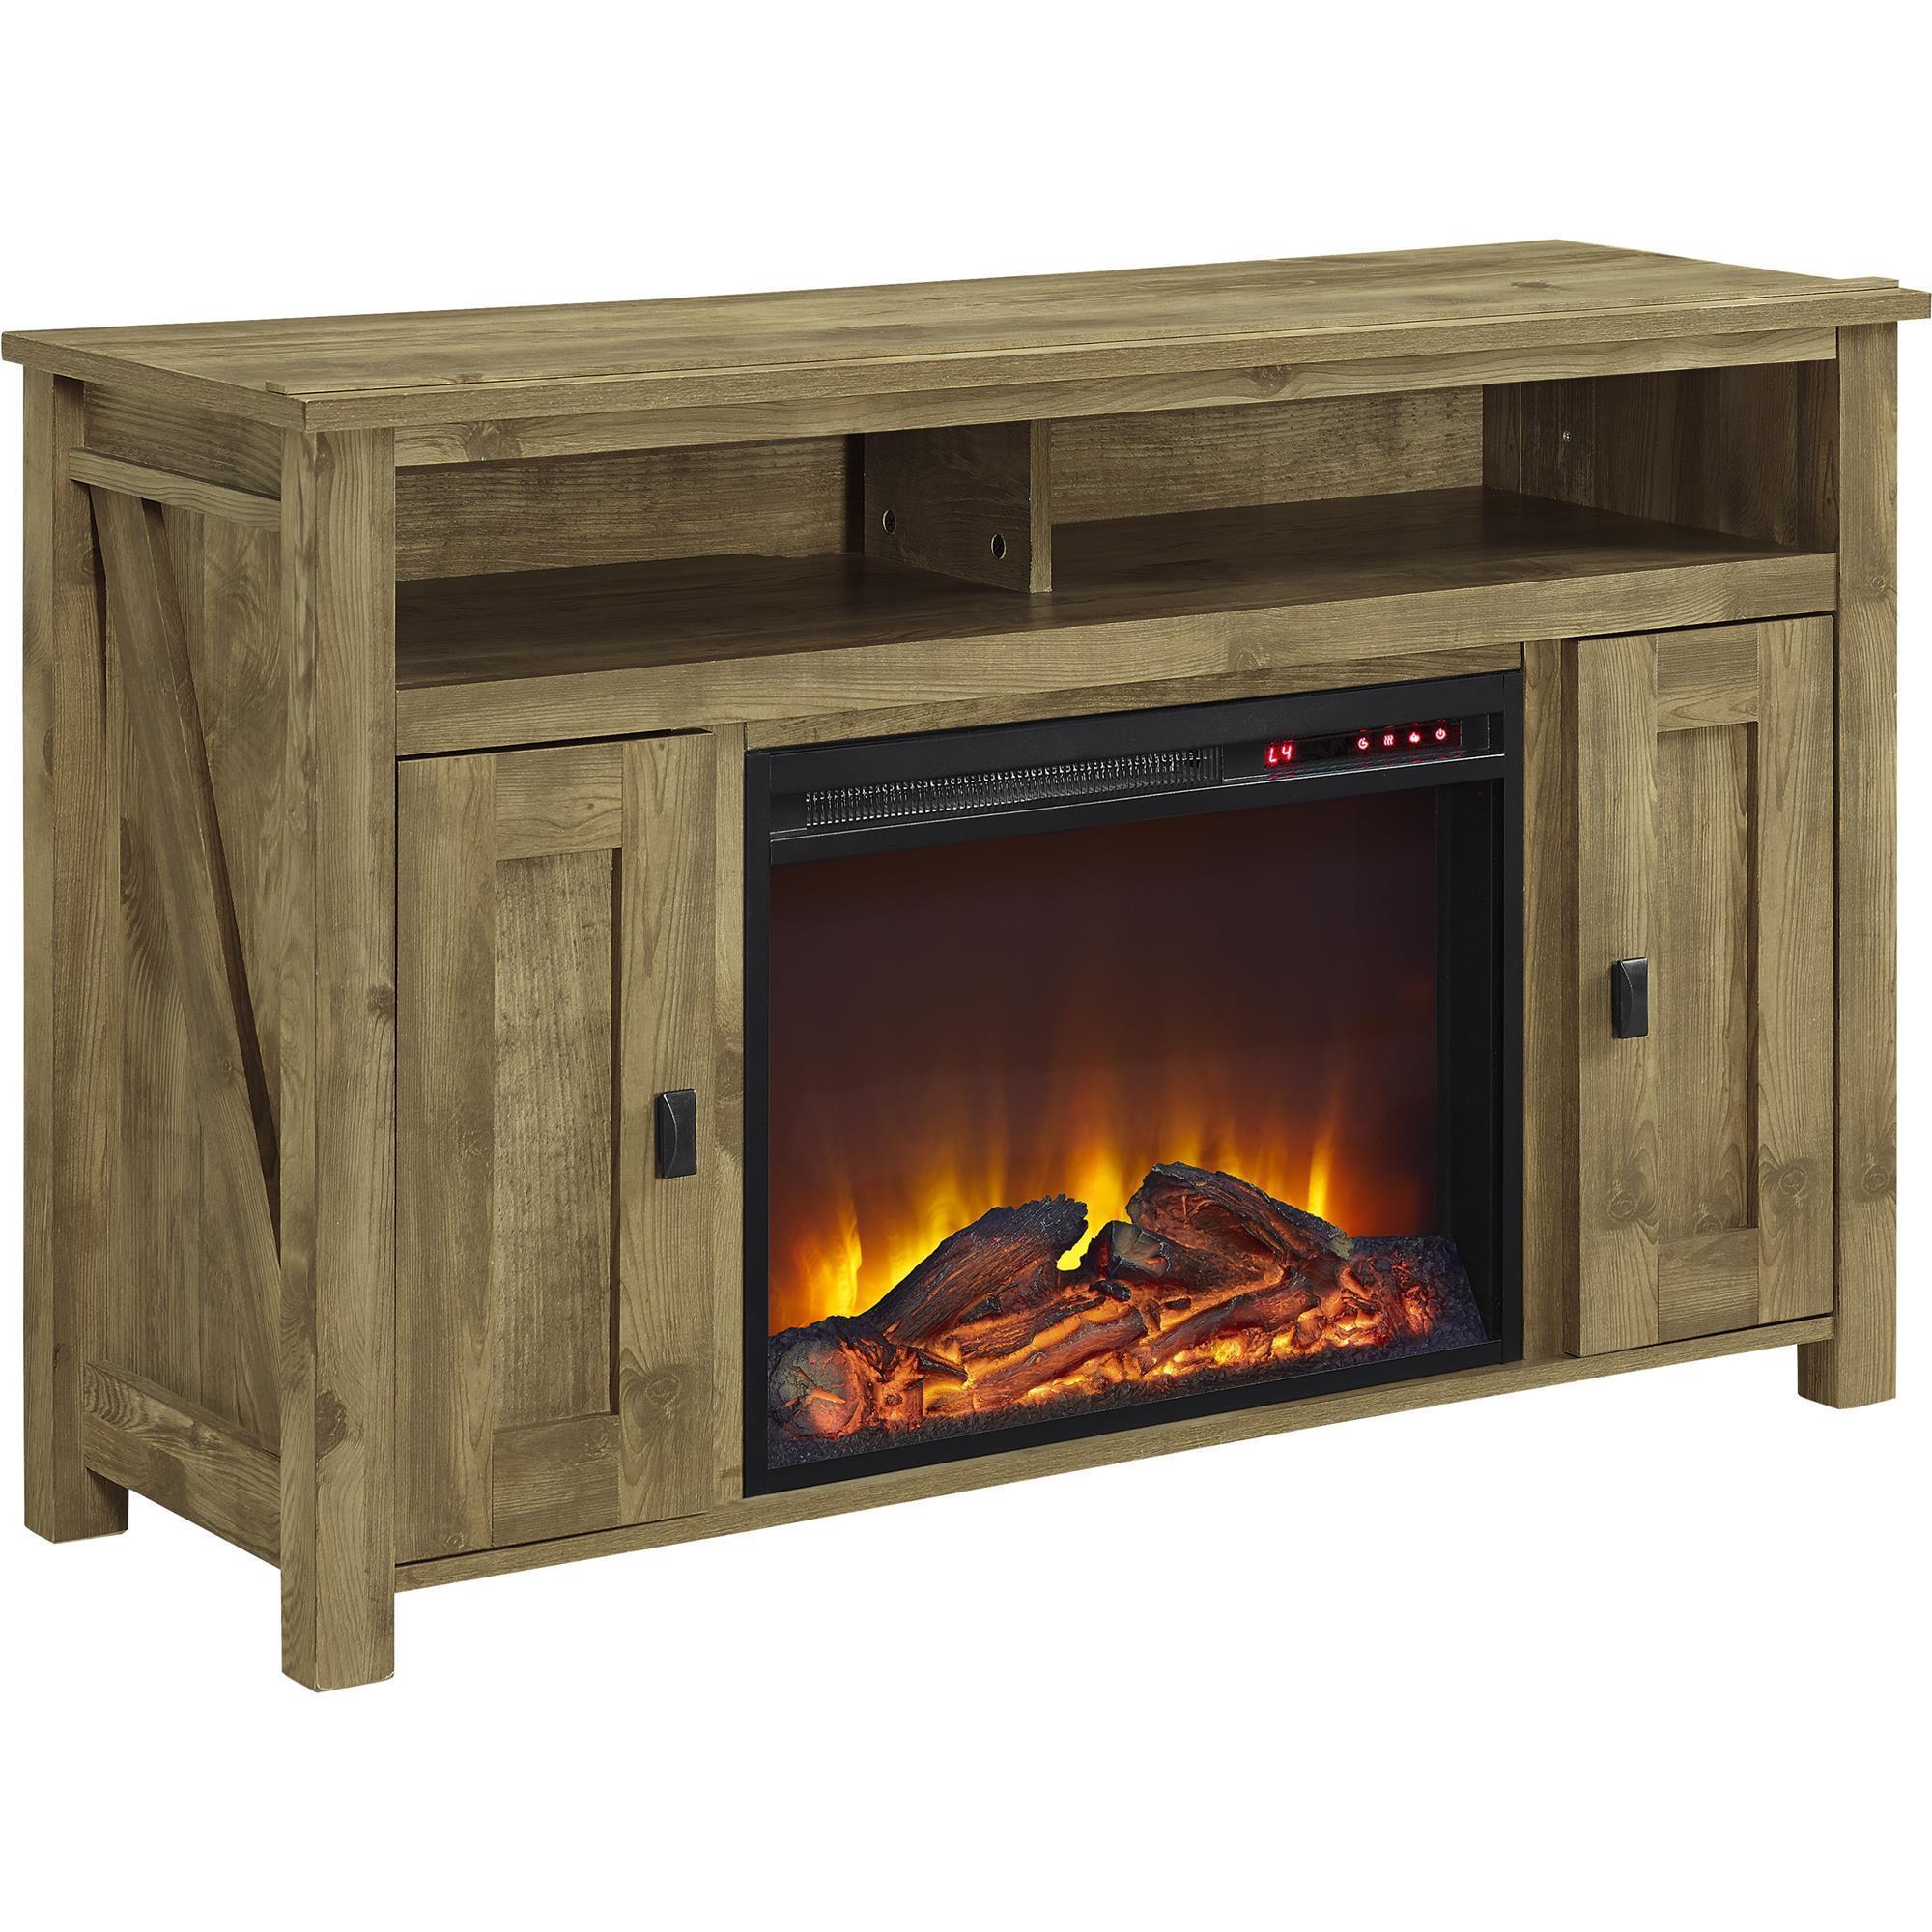 wall grate fire with of heat reflective reflector backs m decorative fireback tallfireback fireplace